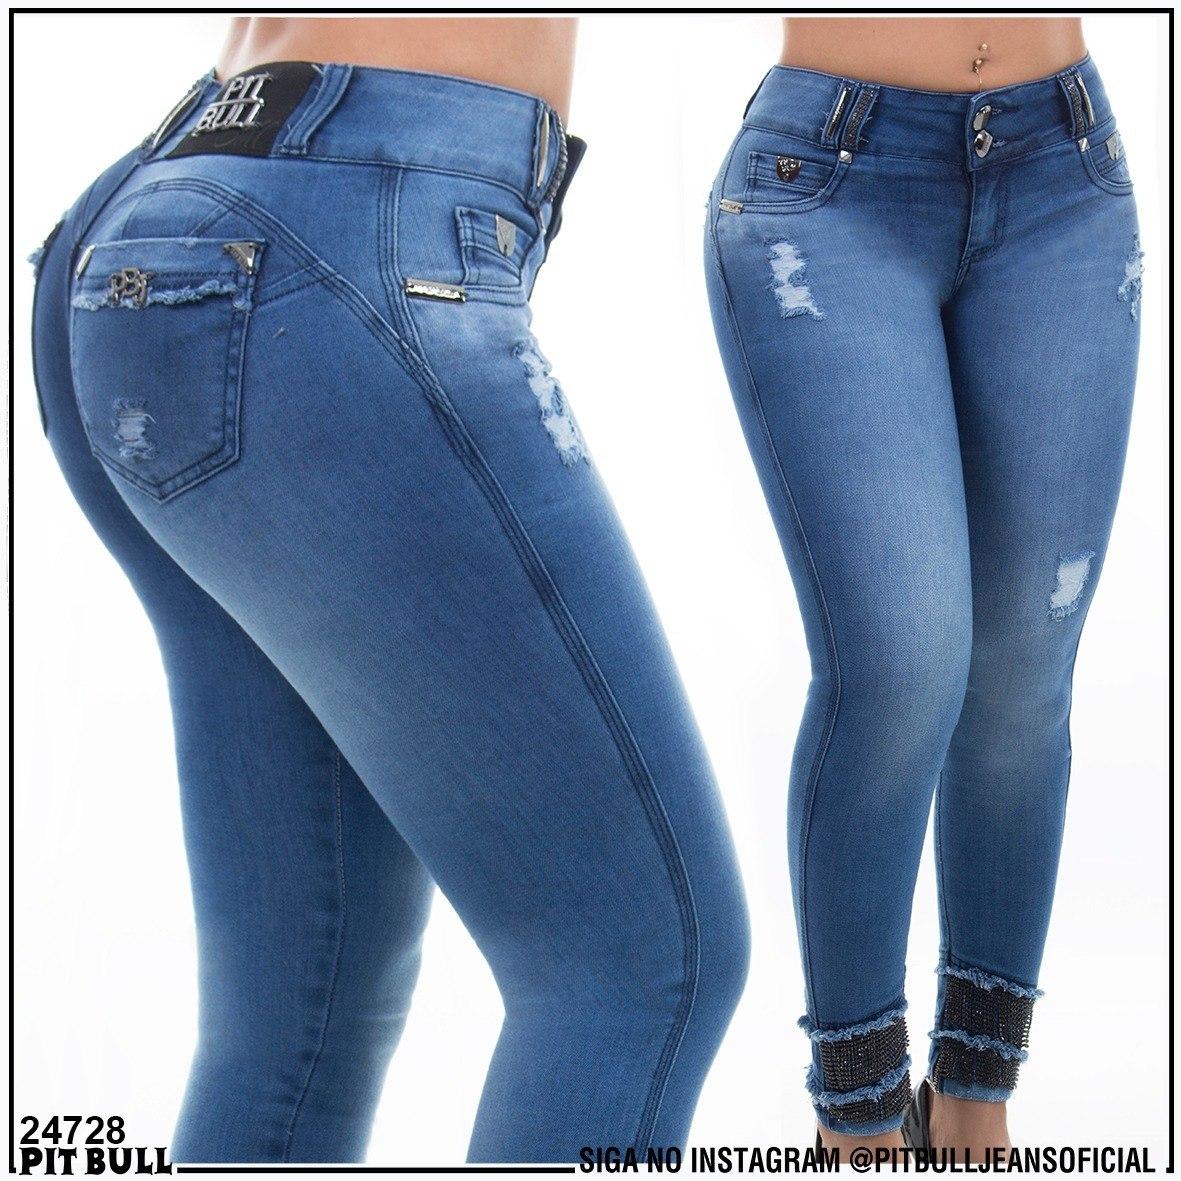 55fa4f240 Calça Jeans Pitbull Estilo Panicat Promoção Ref 24728 - R$ 325,90 em ...